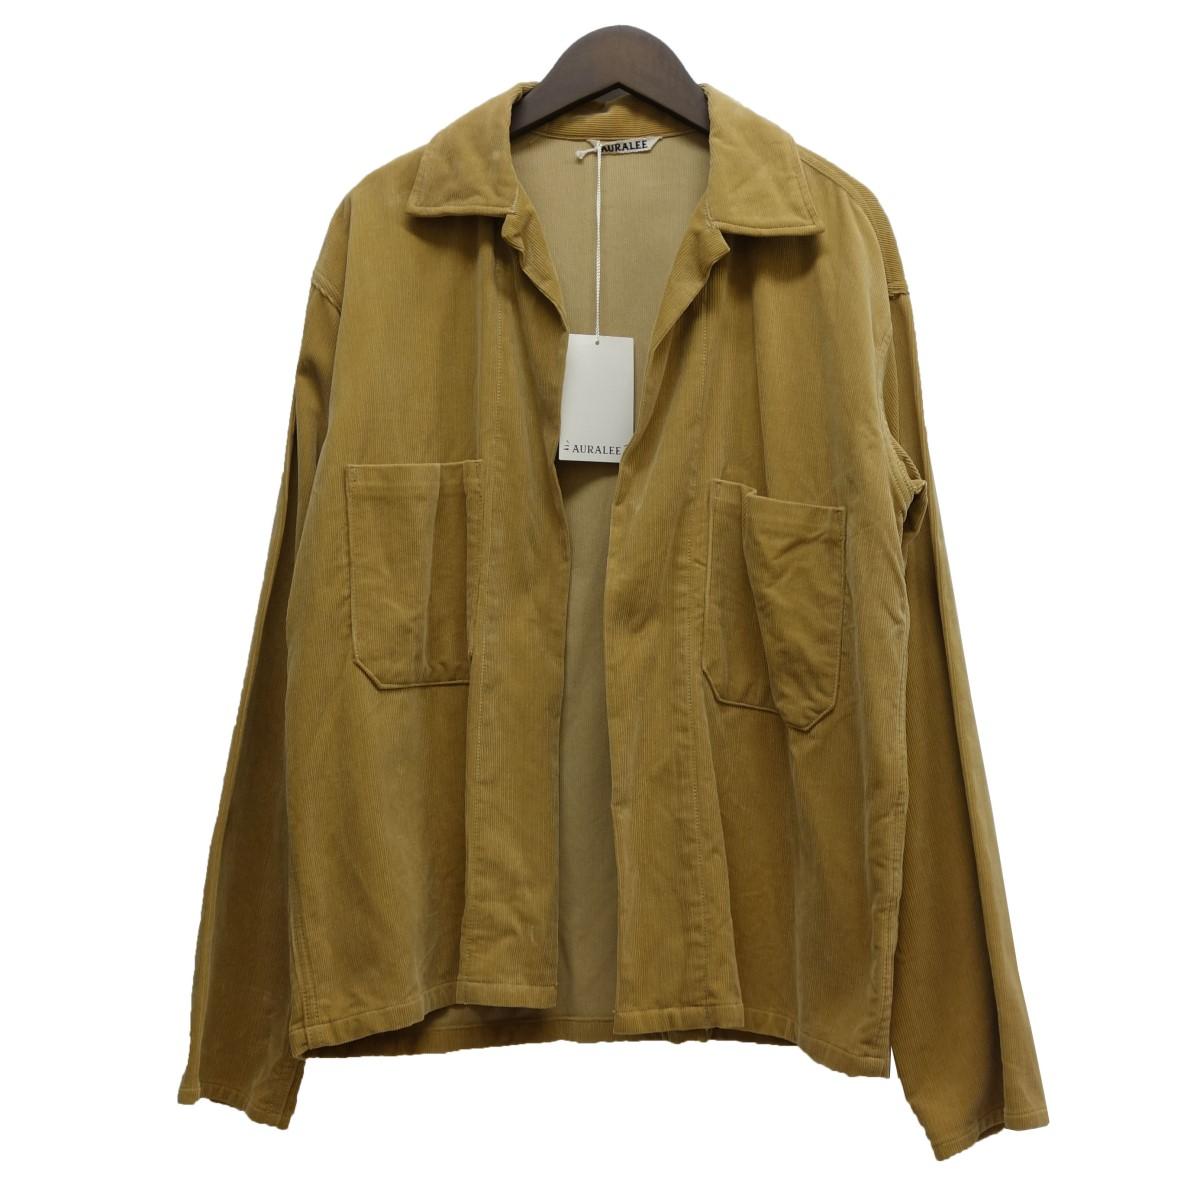 【中古】AURALEE 17SS「WASHED CORDUROY SHIRTS JACKET」コーデュロイシャツジャケット キャメル サイズ:3 【020520】(オーラリー)